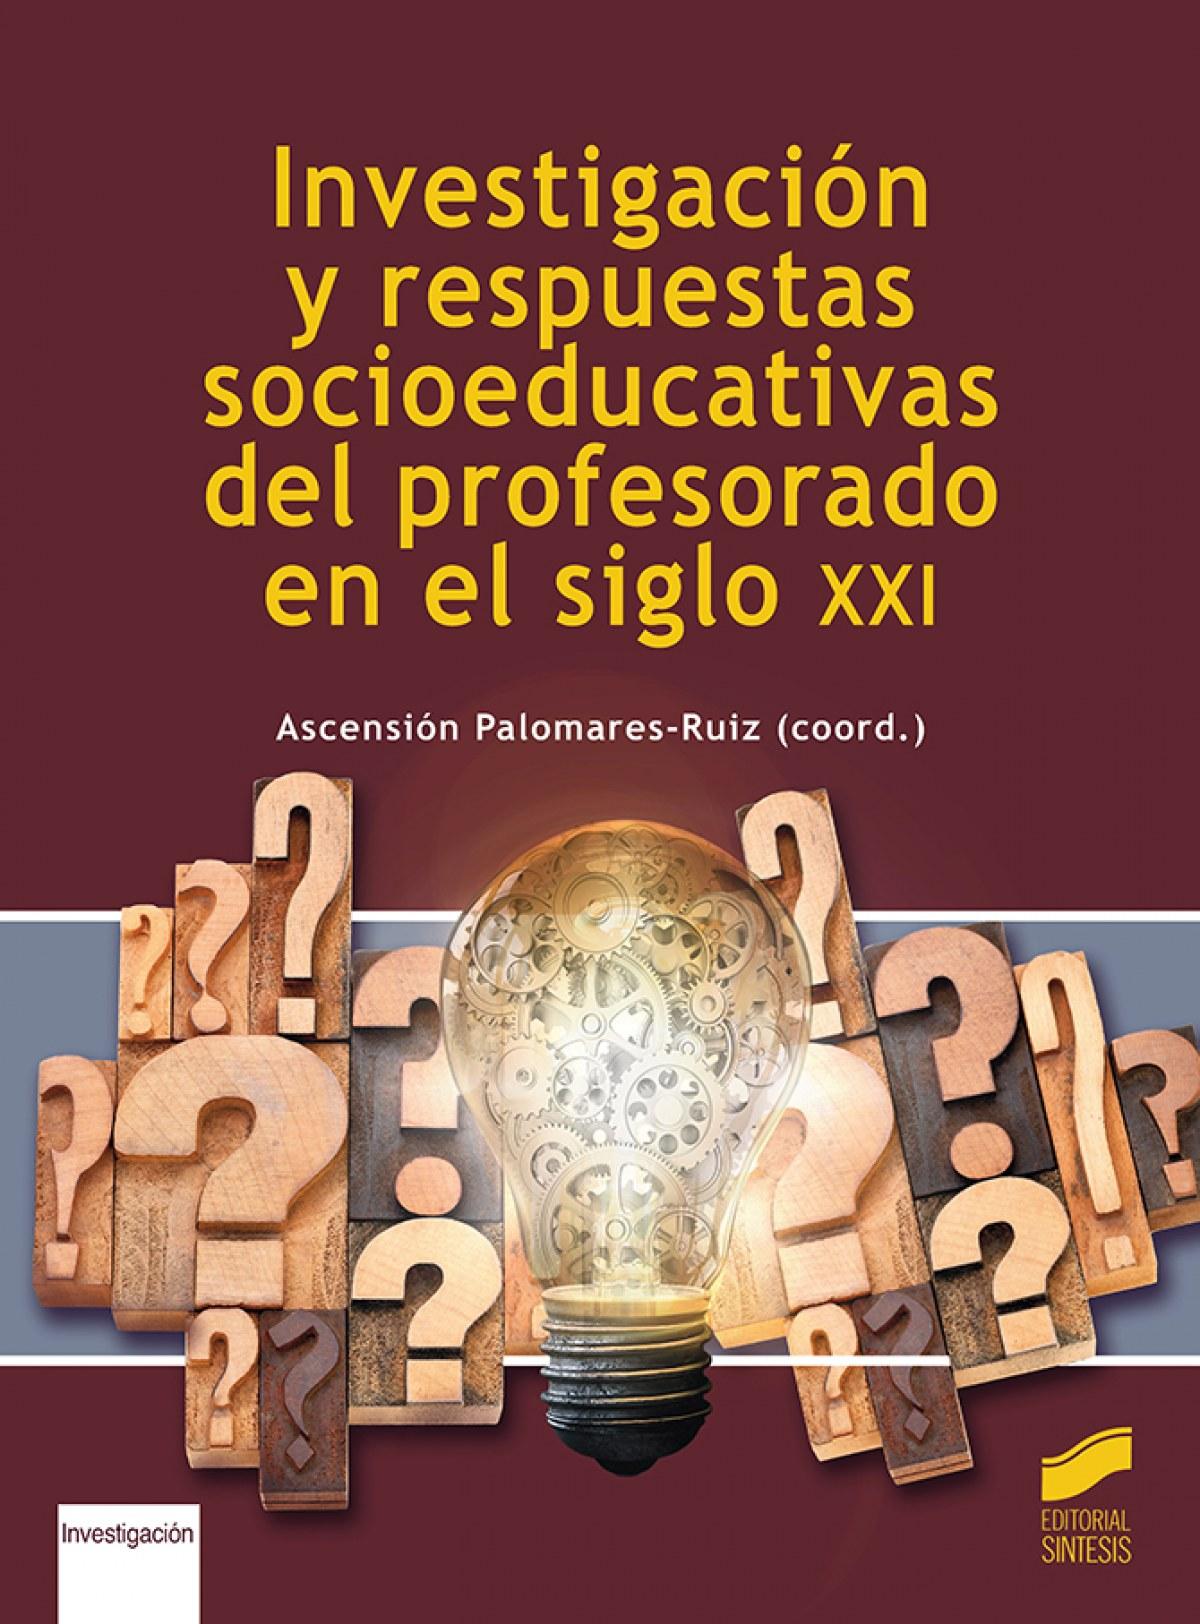 Investigacion y respuestas socioeducativas del profesorado en el